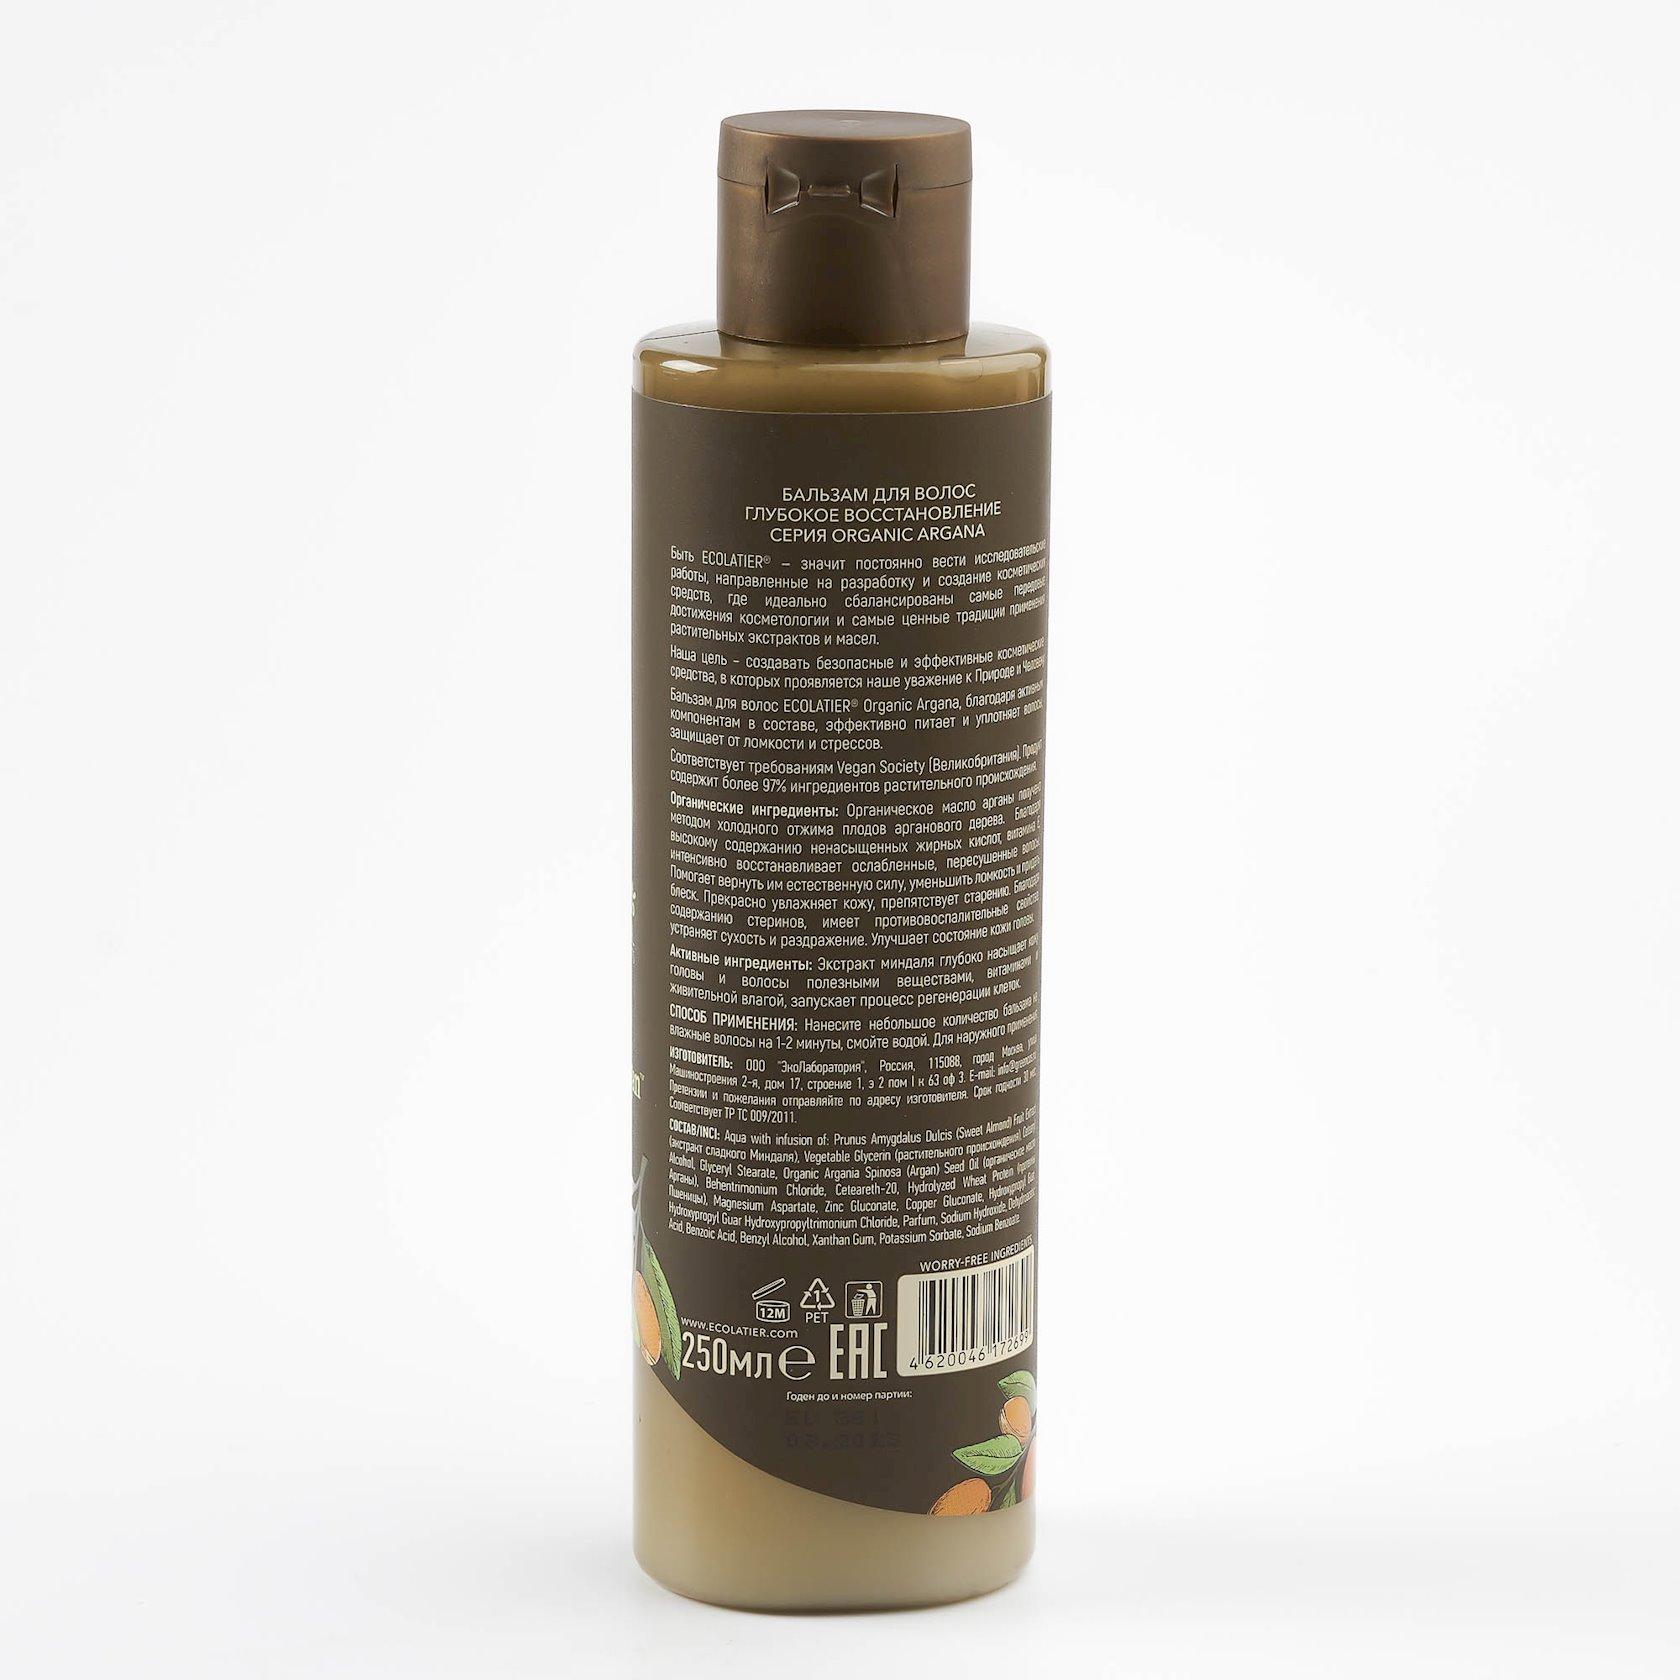 Balzam Ecolatier Organic Argana Oil saçın dərin bərpası üçün 250 ml